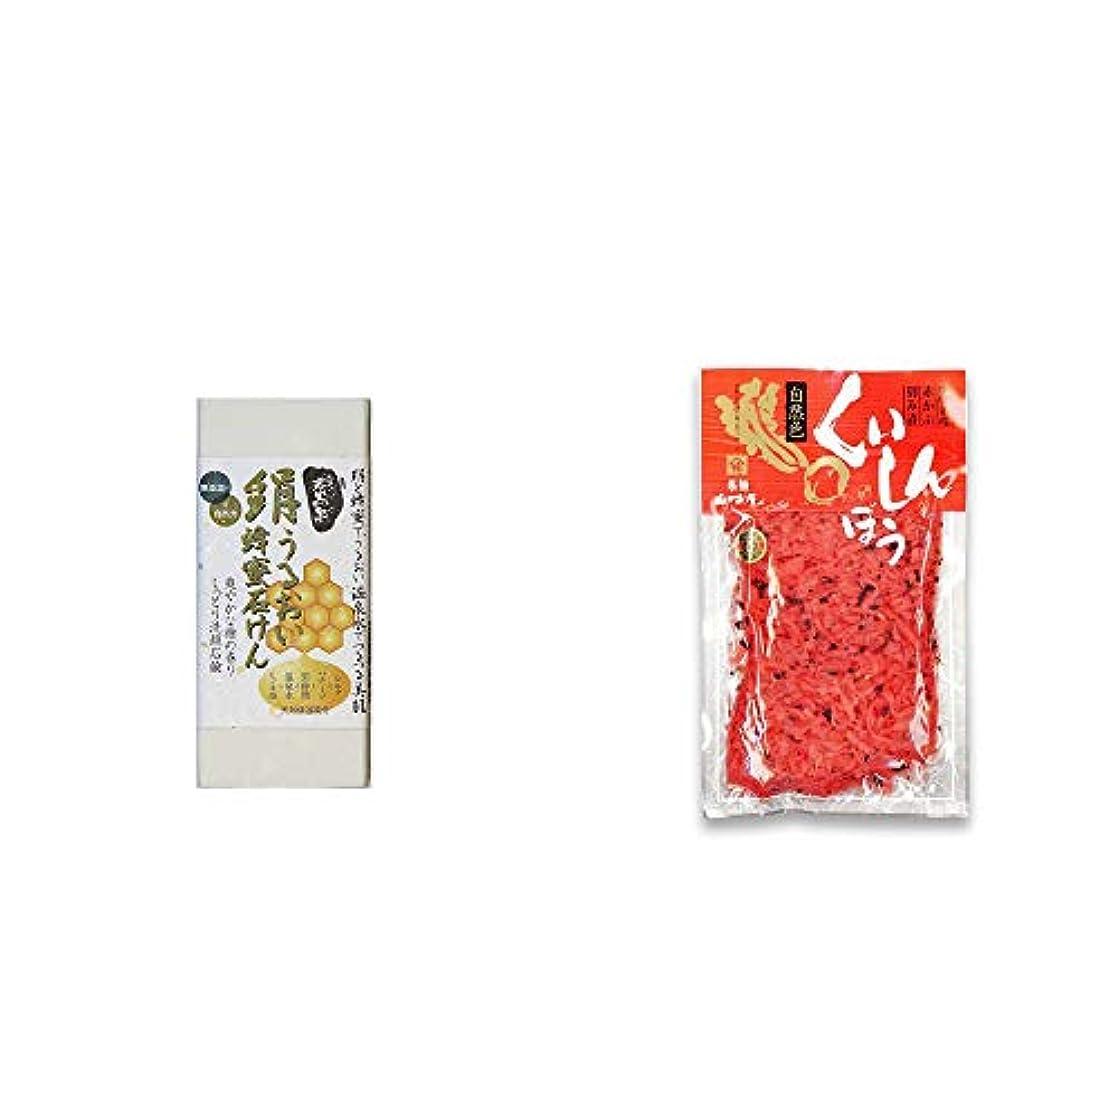 織る前に隣接する[2点セット] ひのき炭黒泉 絹うるおい蜂蜜石けん(75g×2)?飛騨山味屋 くいしんぼう【大】(260g) [赤かぶ刻み漬け]